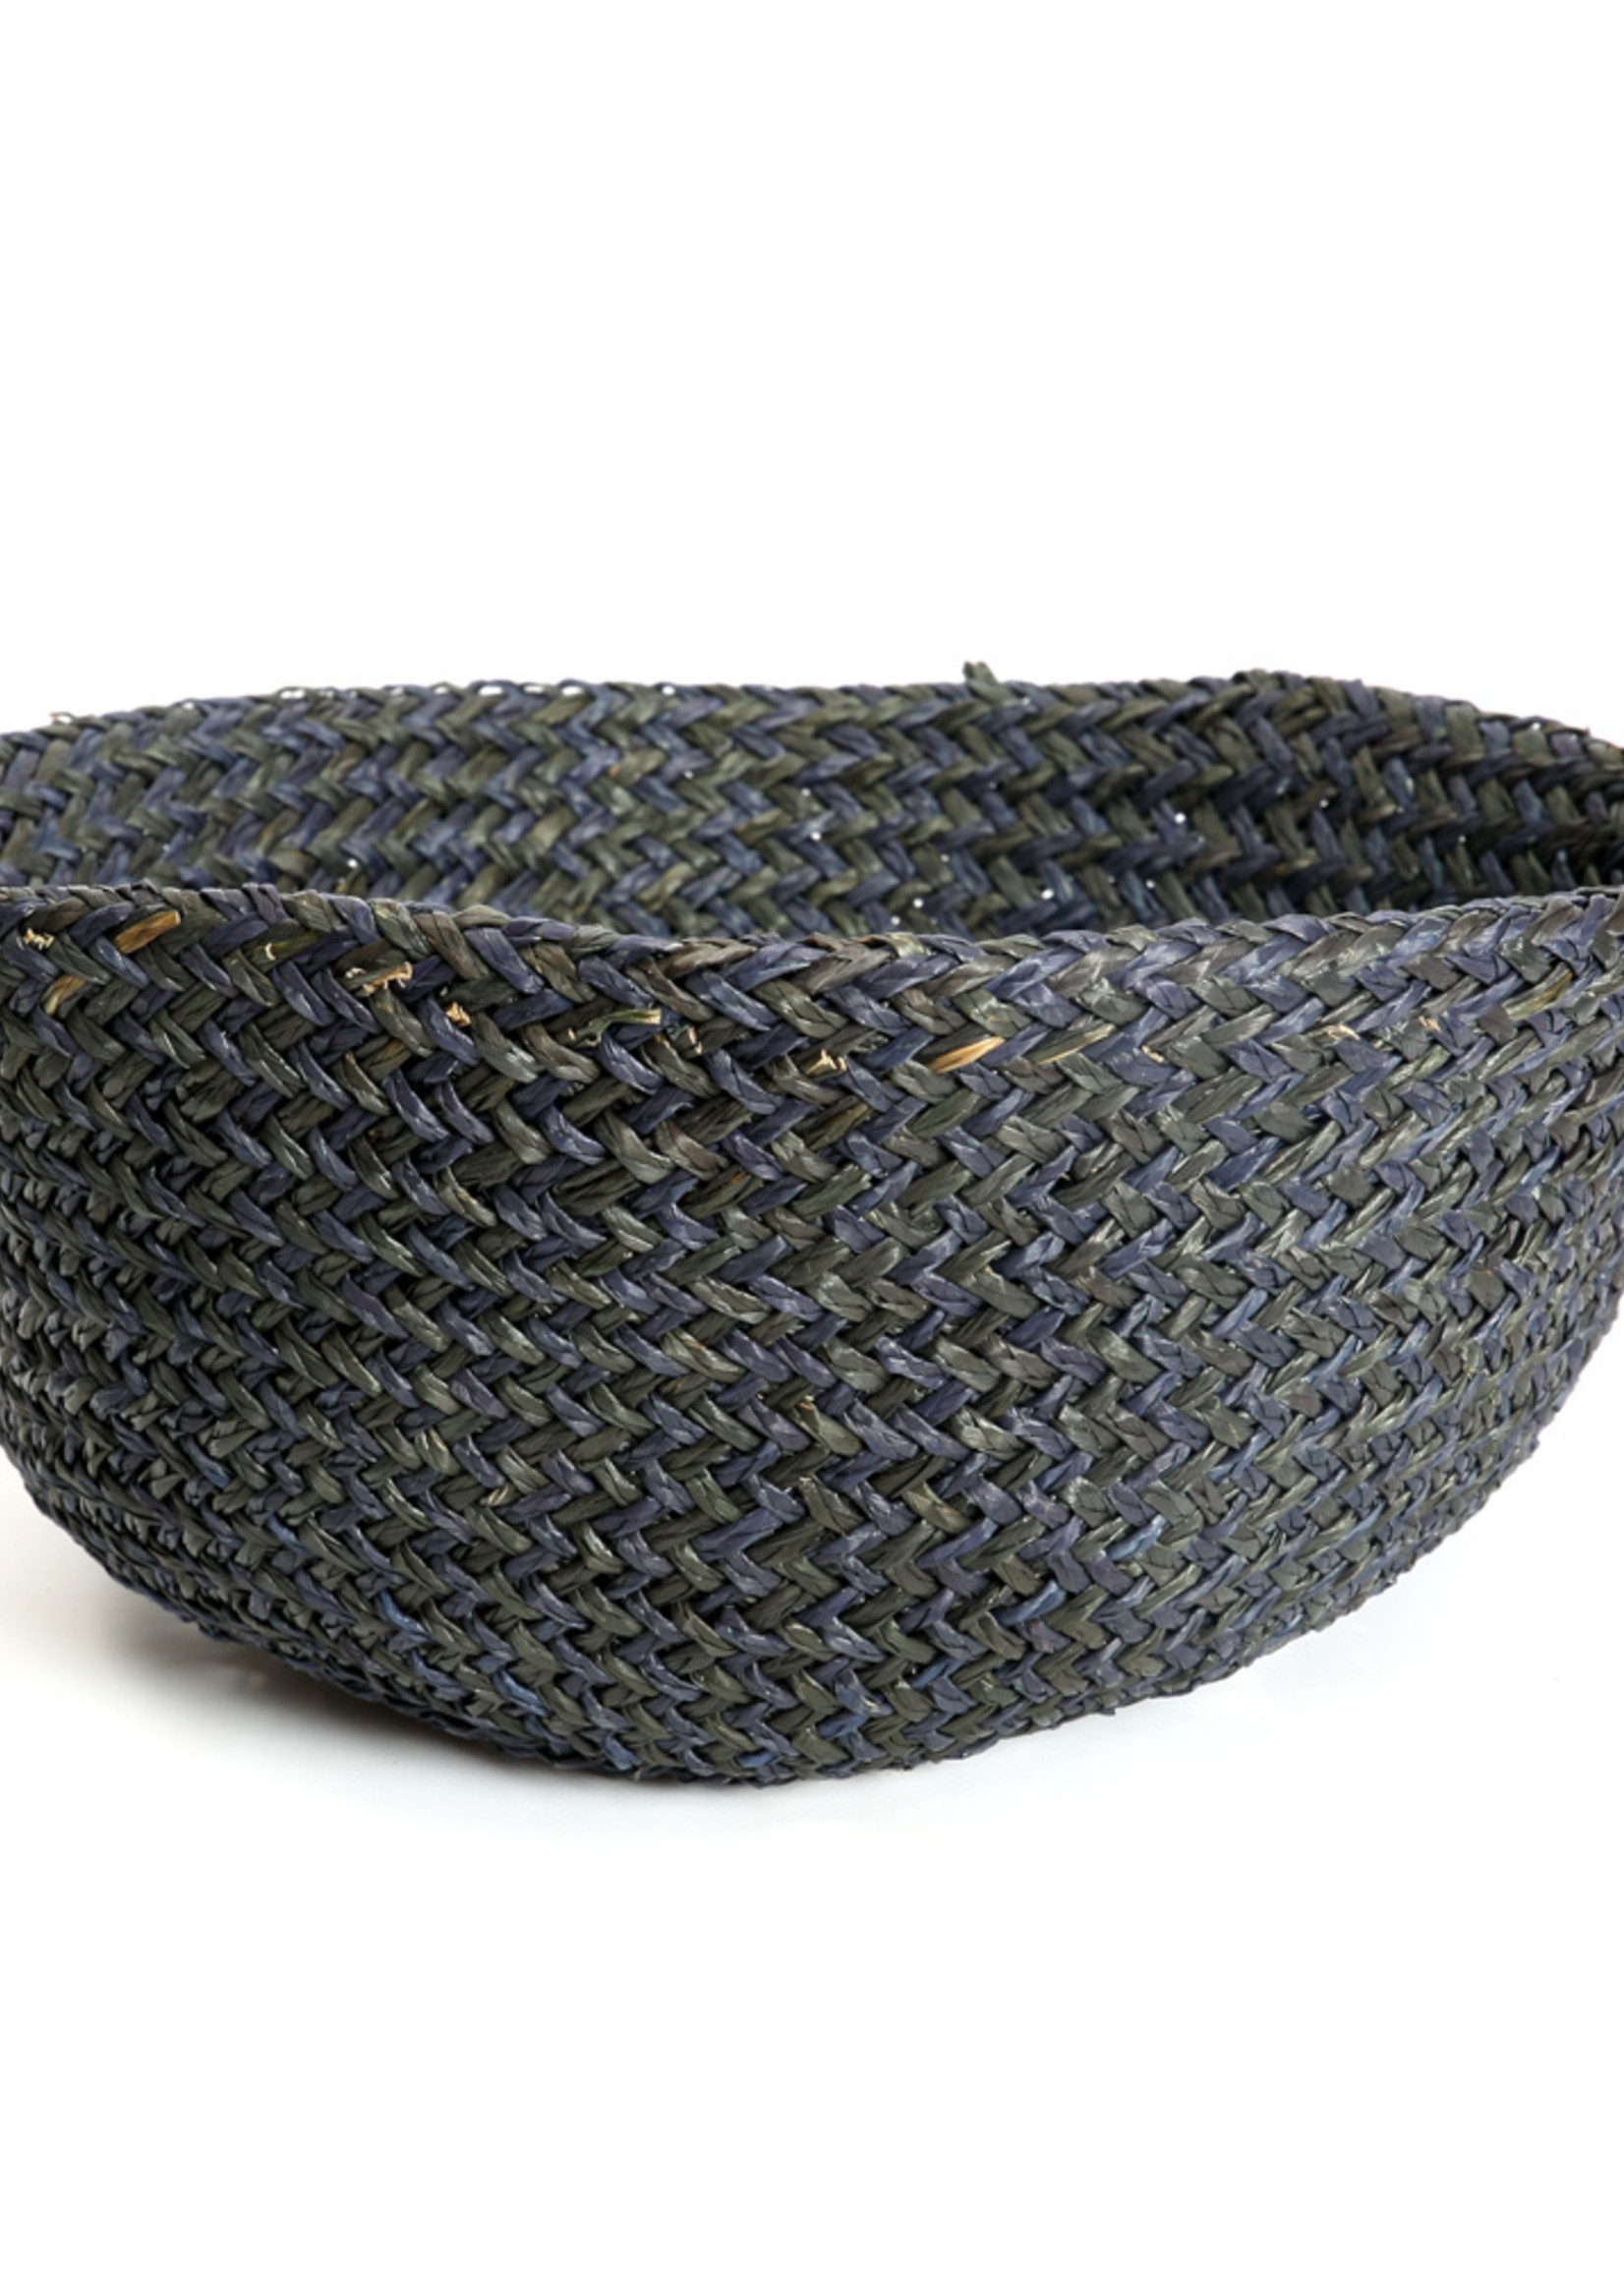 The Hola Basket - Black